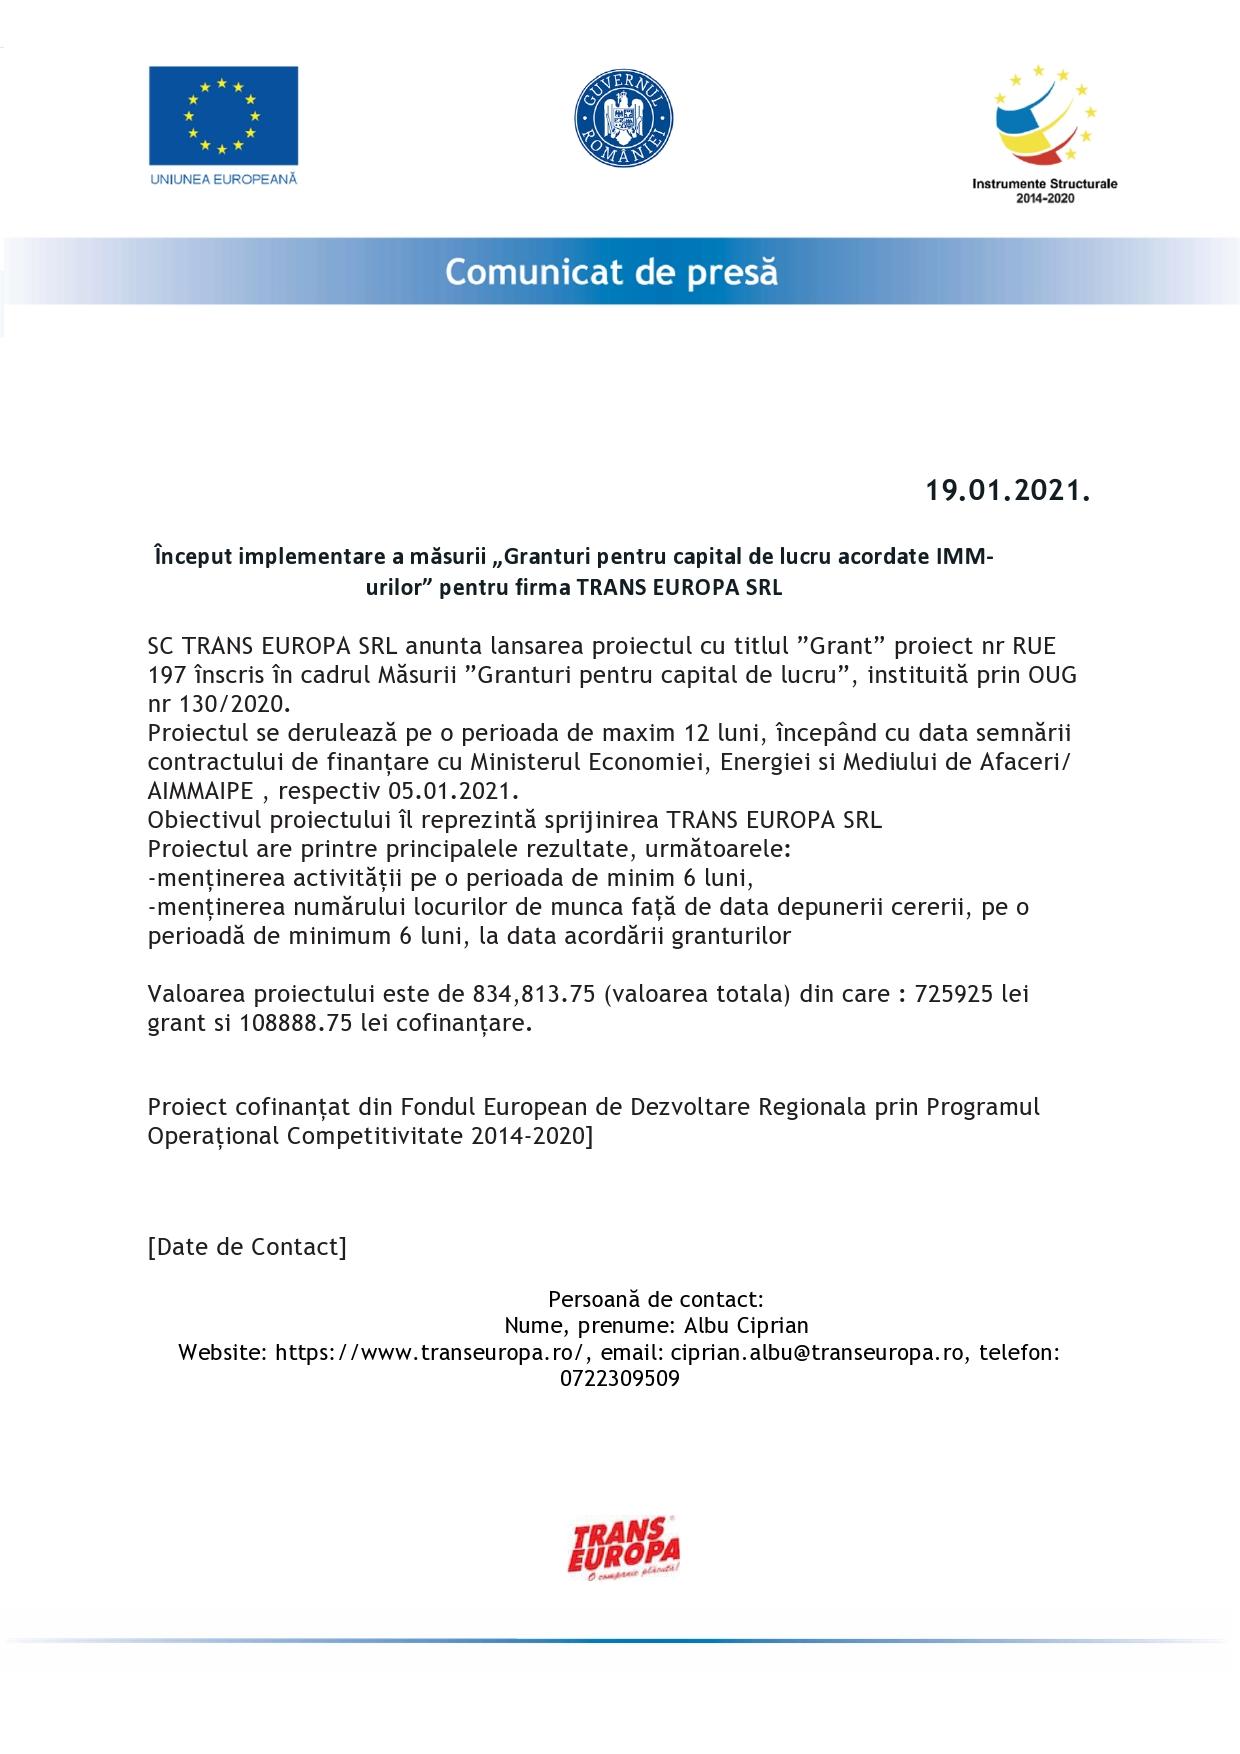 """COMUNICAT DE PRESĂ - Început implementare a măsurii """"Granturi pentru capital de lucru acordate IMM-urilor"""" pentru firma TRANS EUROPA SRL"""